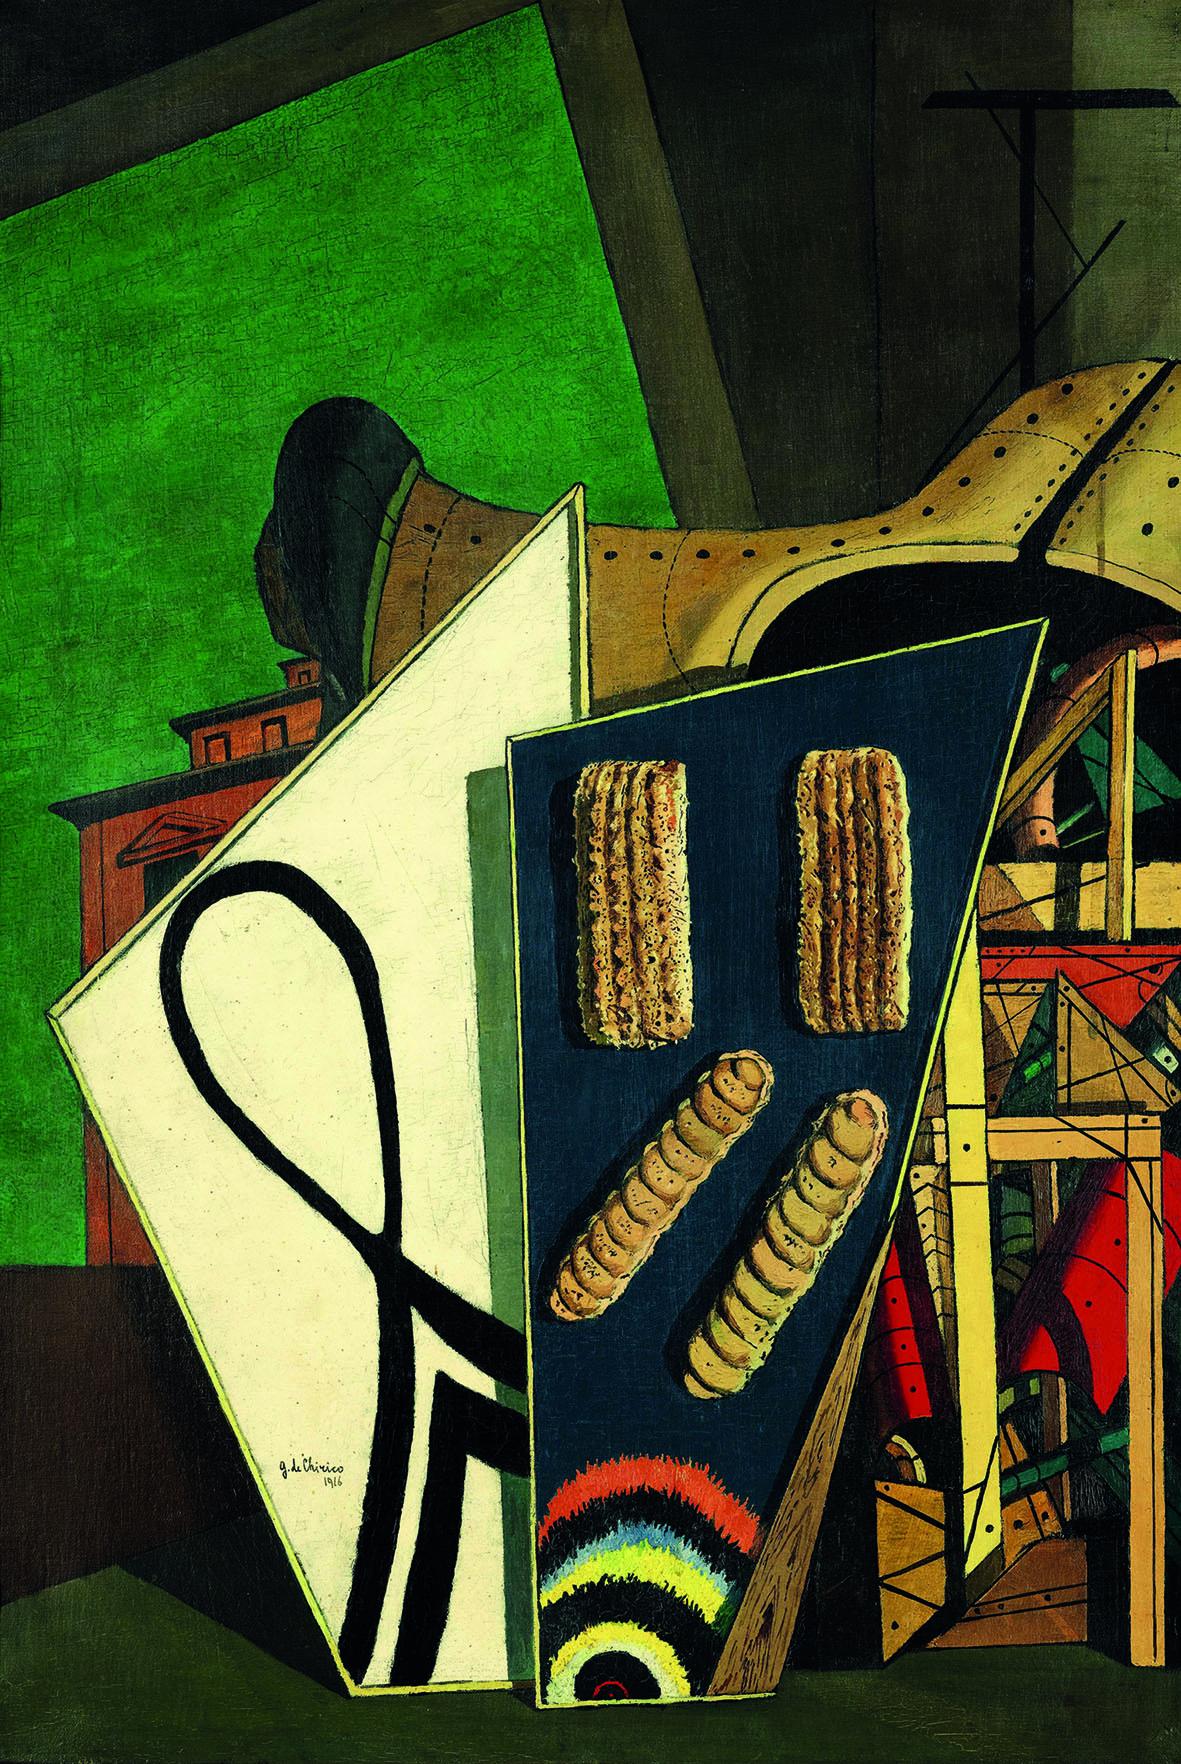 Giorgio de Chirico: Composizione metafisica